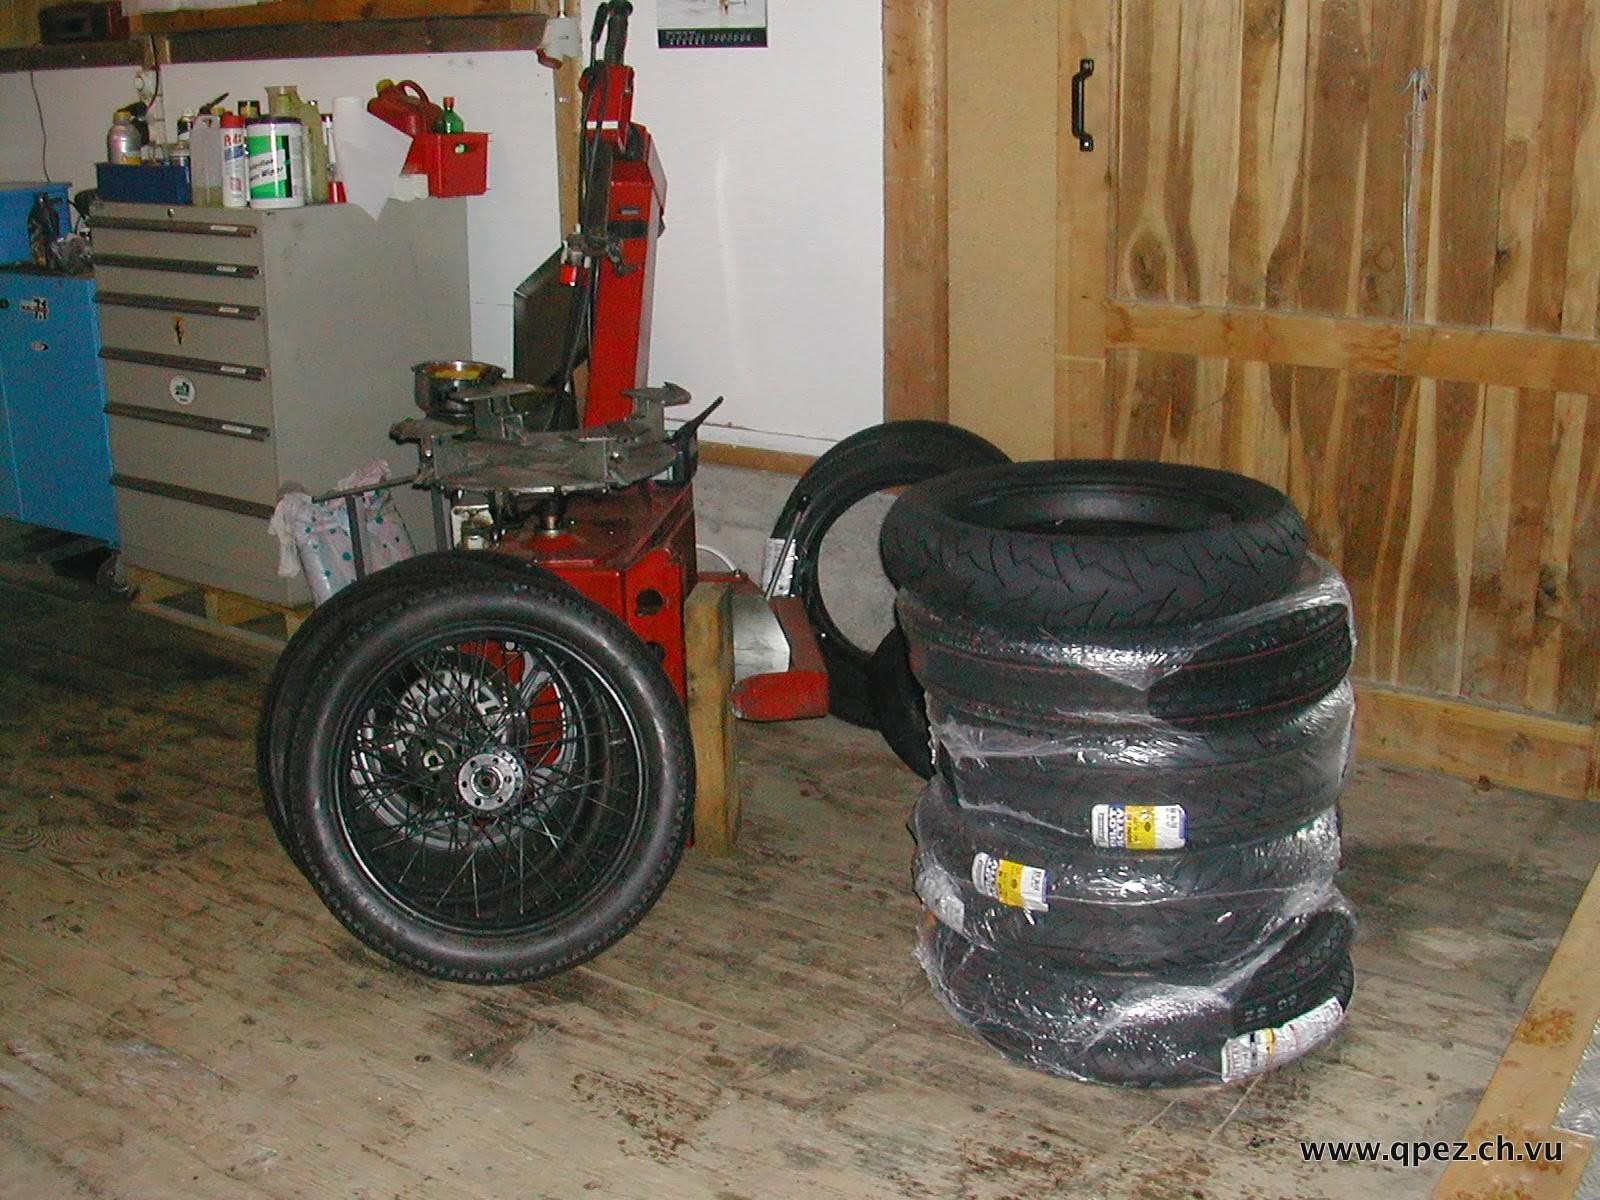 Grossbestellung für unsere Motorräder